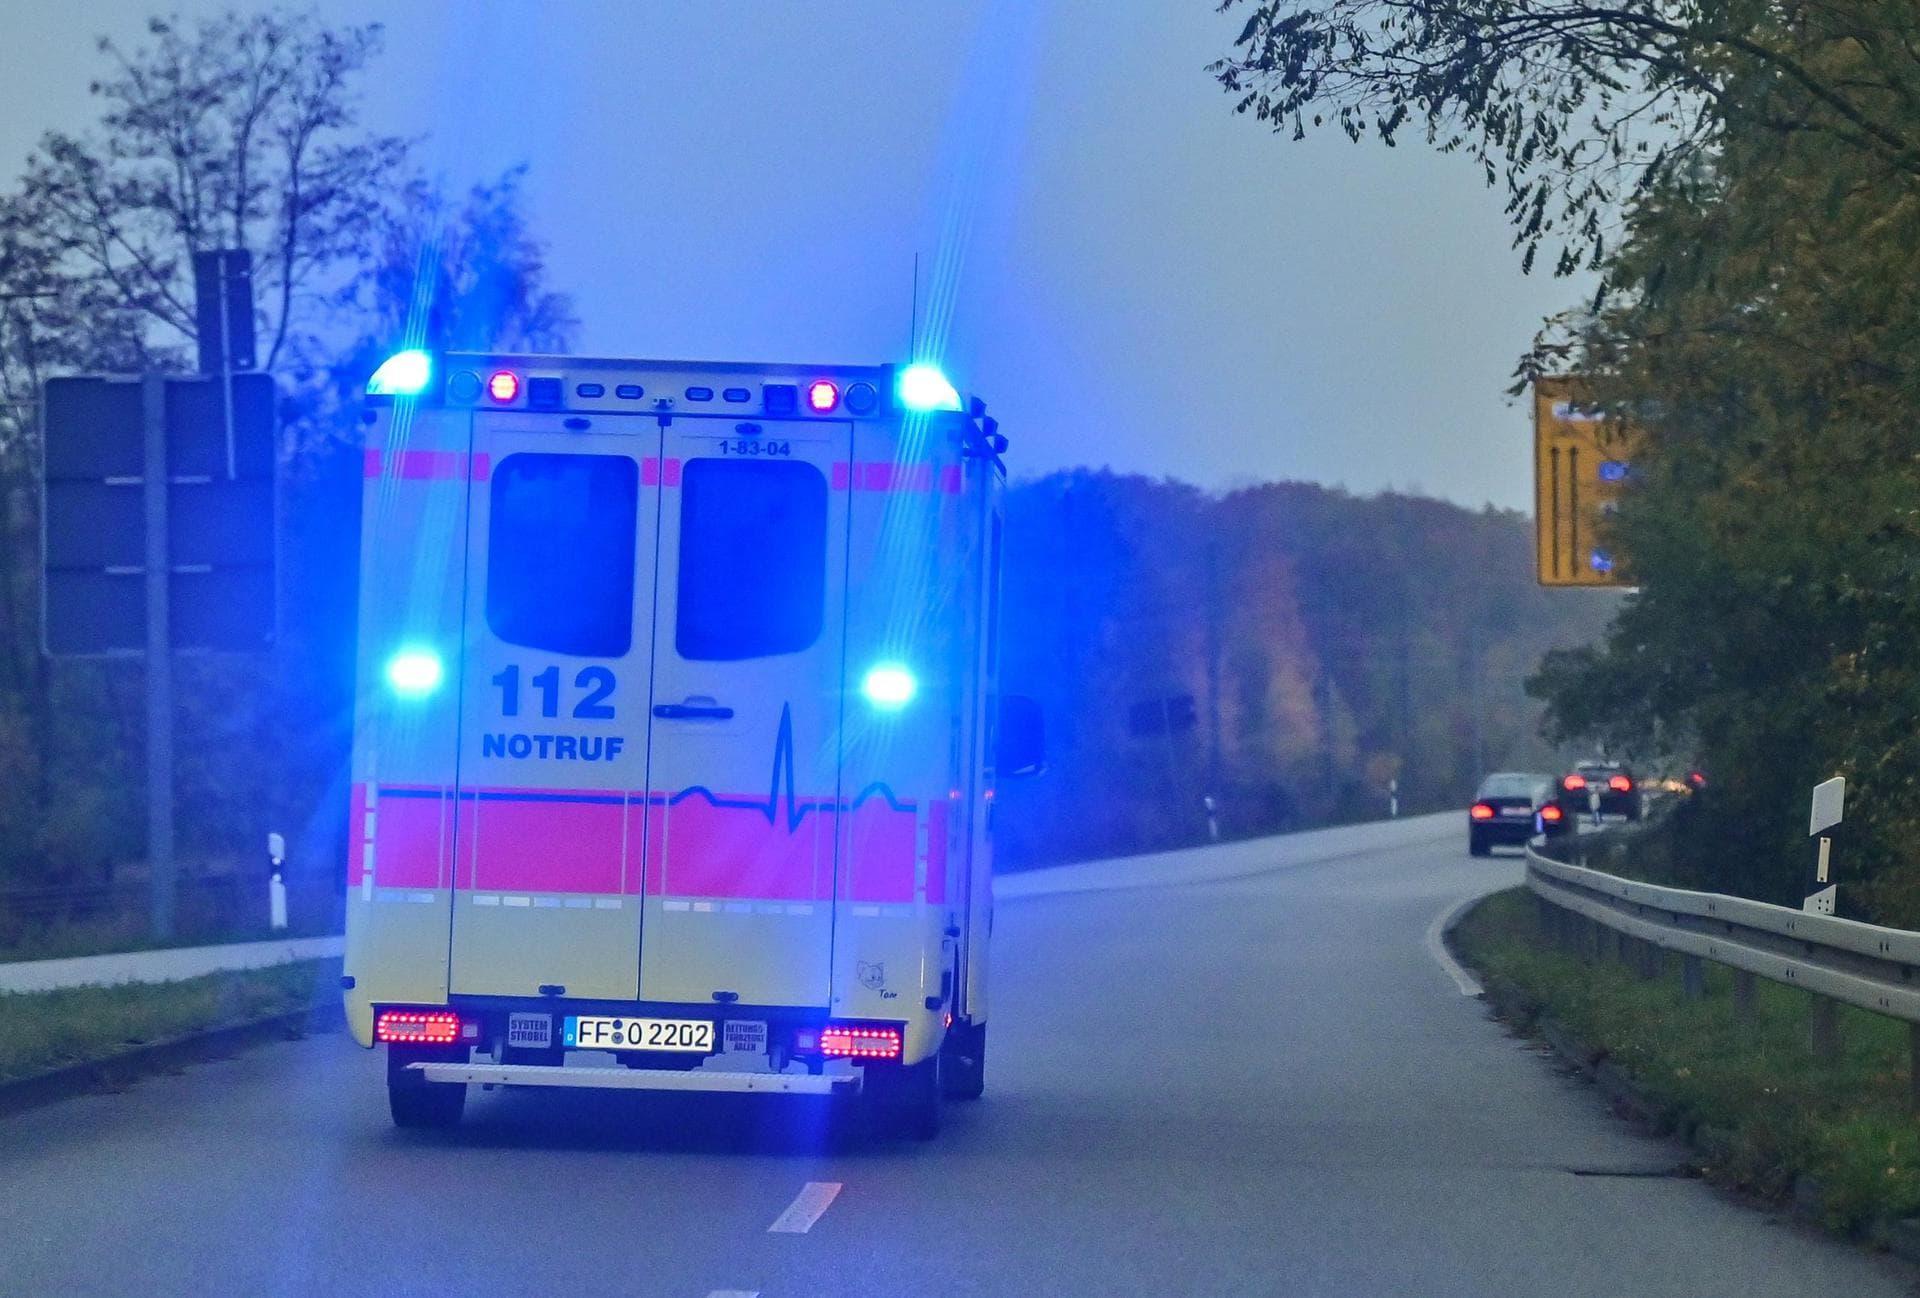 Wohnhausbrand in der Oberpfalz Acht Verletzte